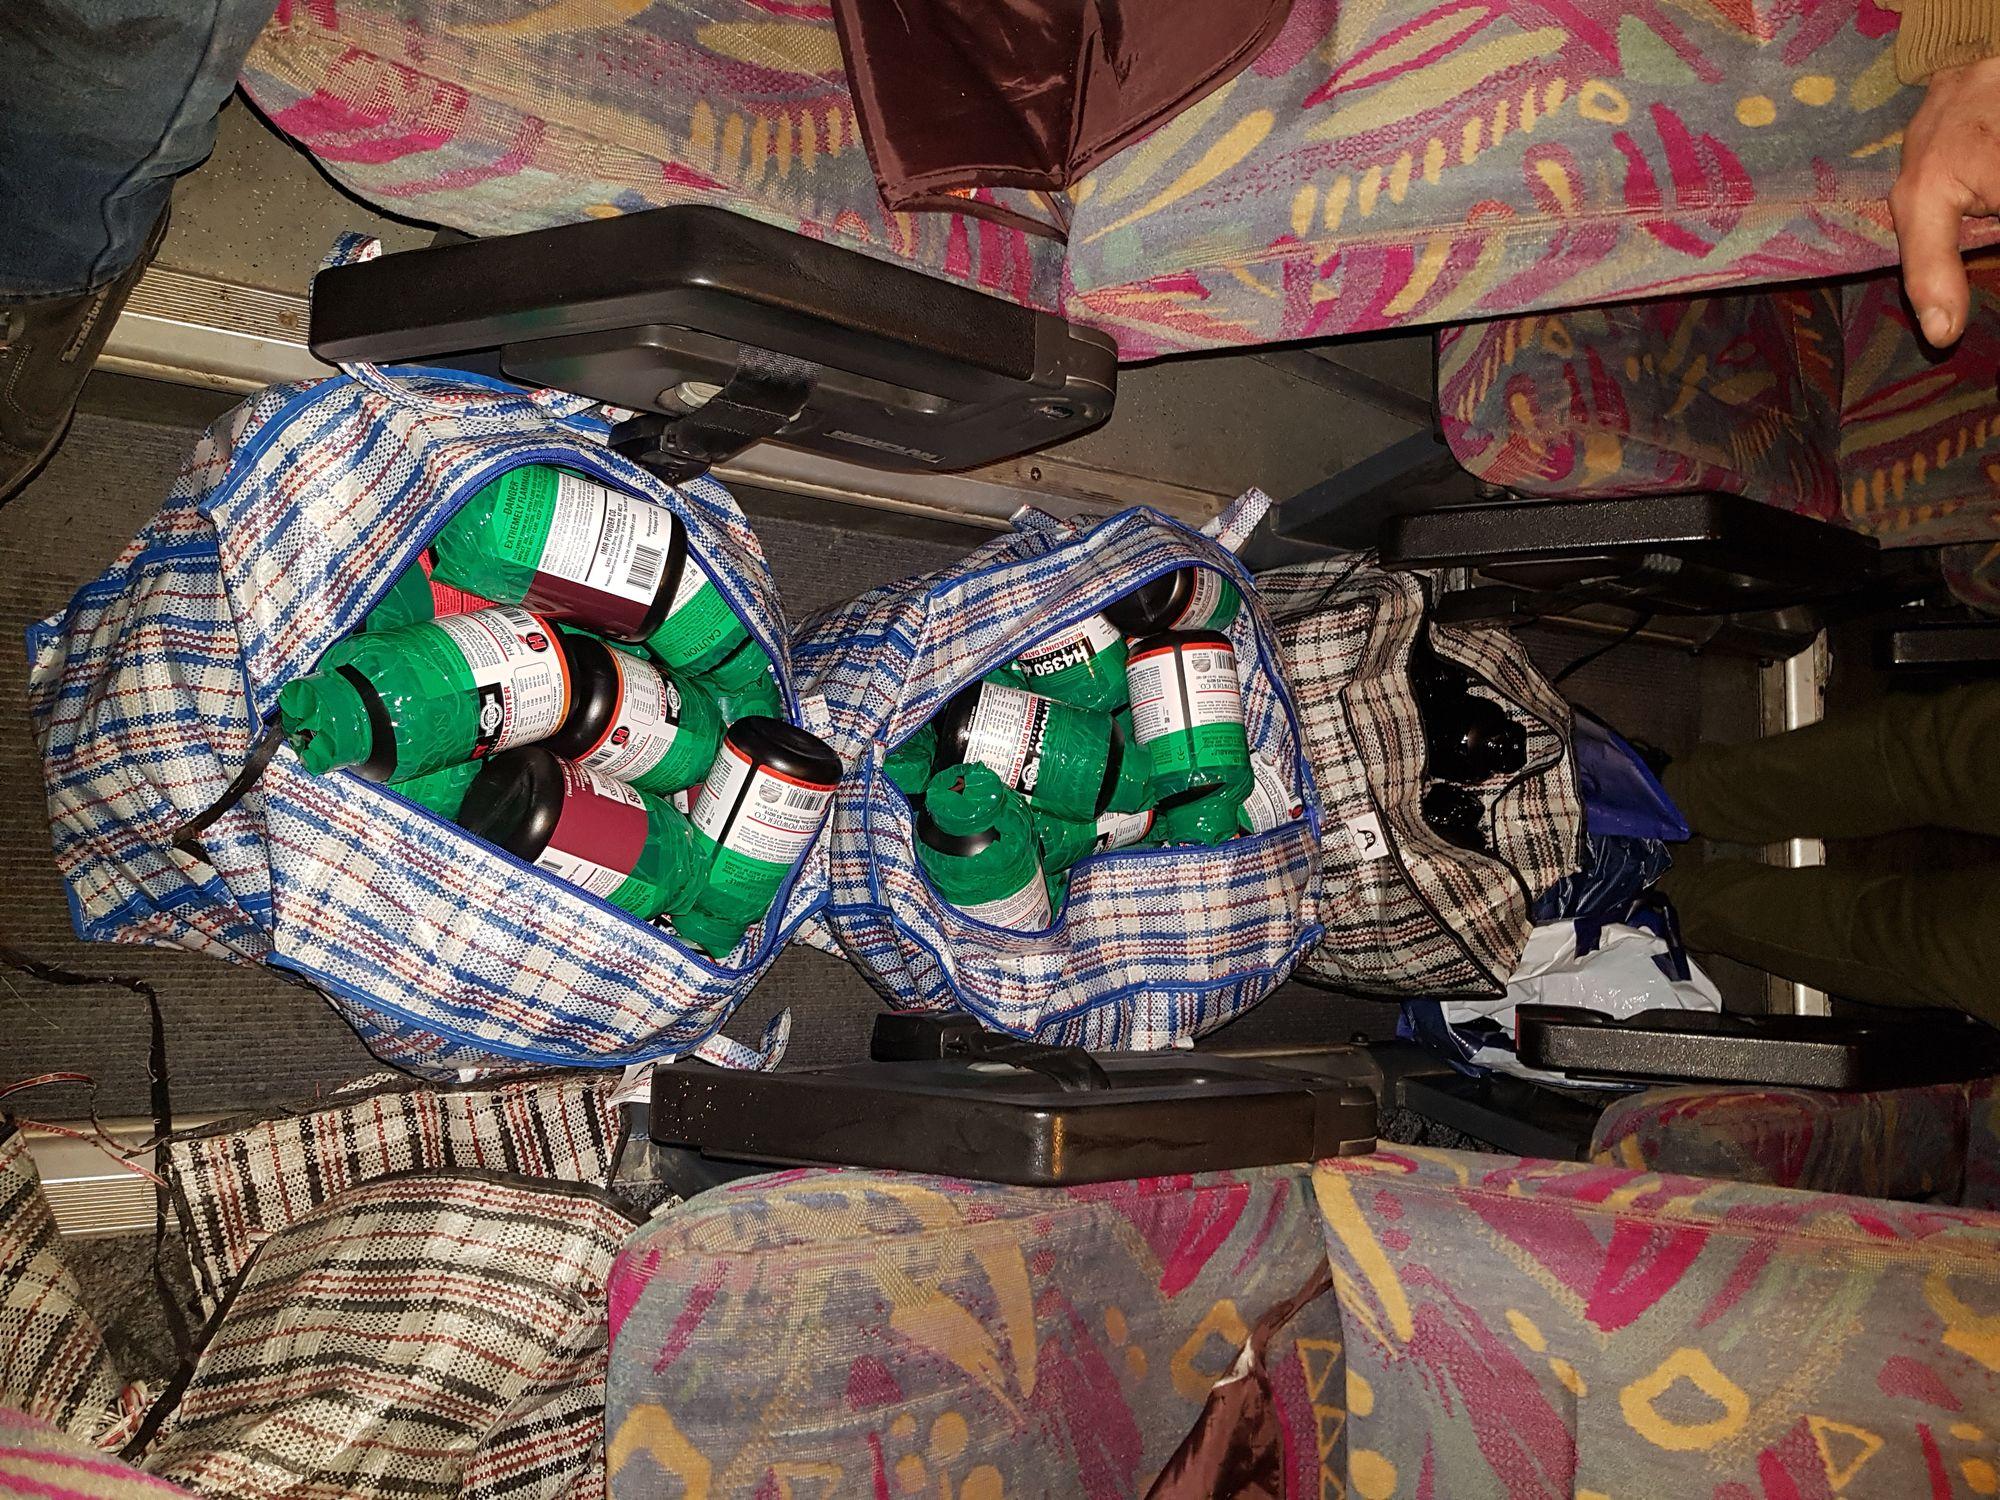 На кордоні вилучено більше 50 кг пороху (Фото)